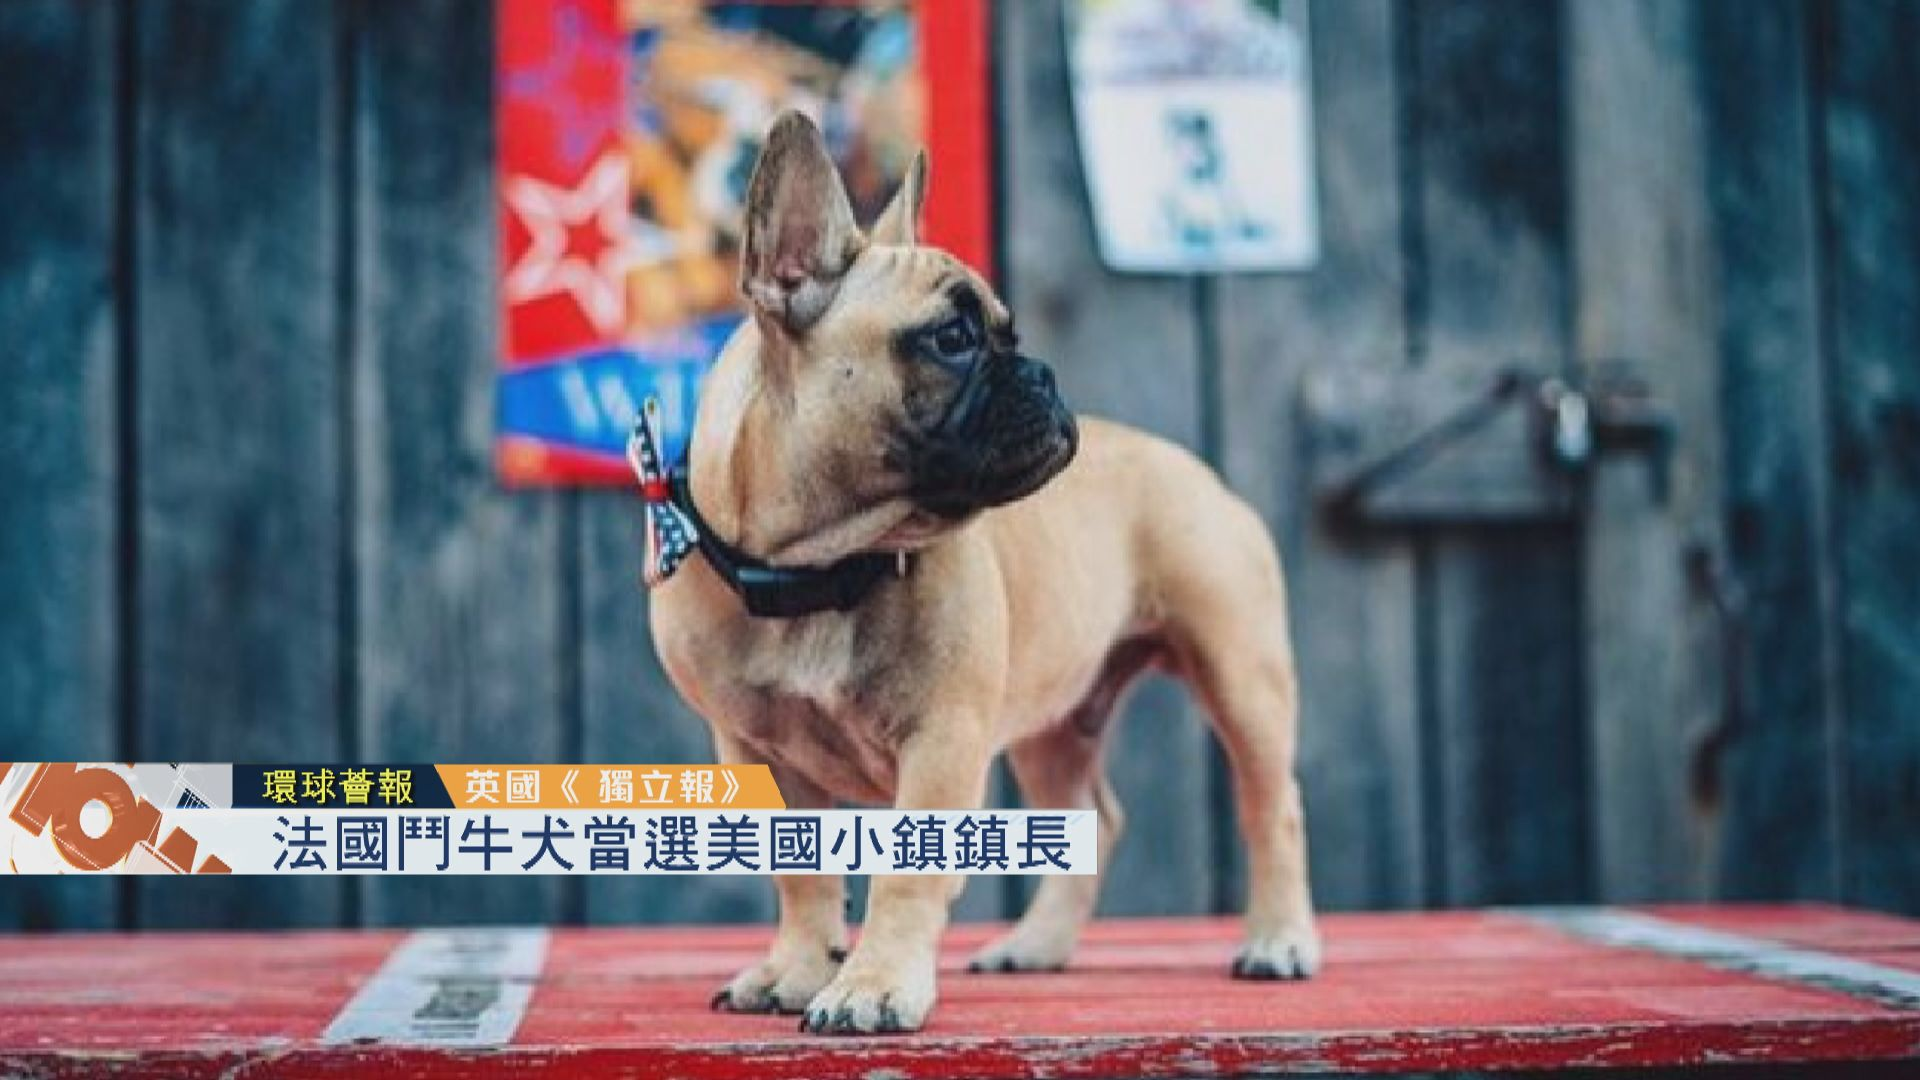 【環球薈報】法國鬥牛犬當選美國小鎮鎮長